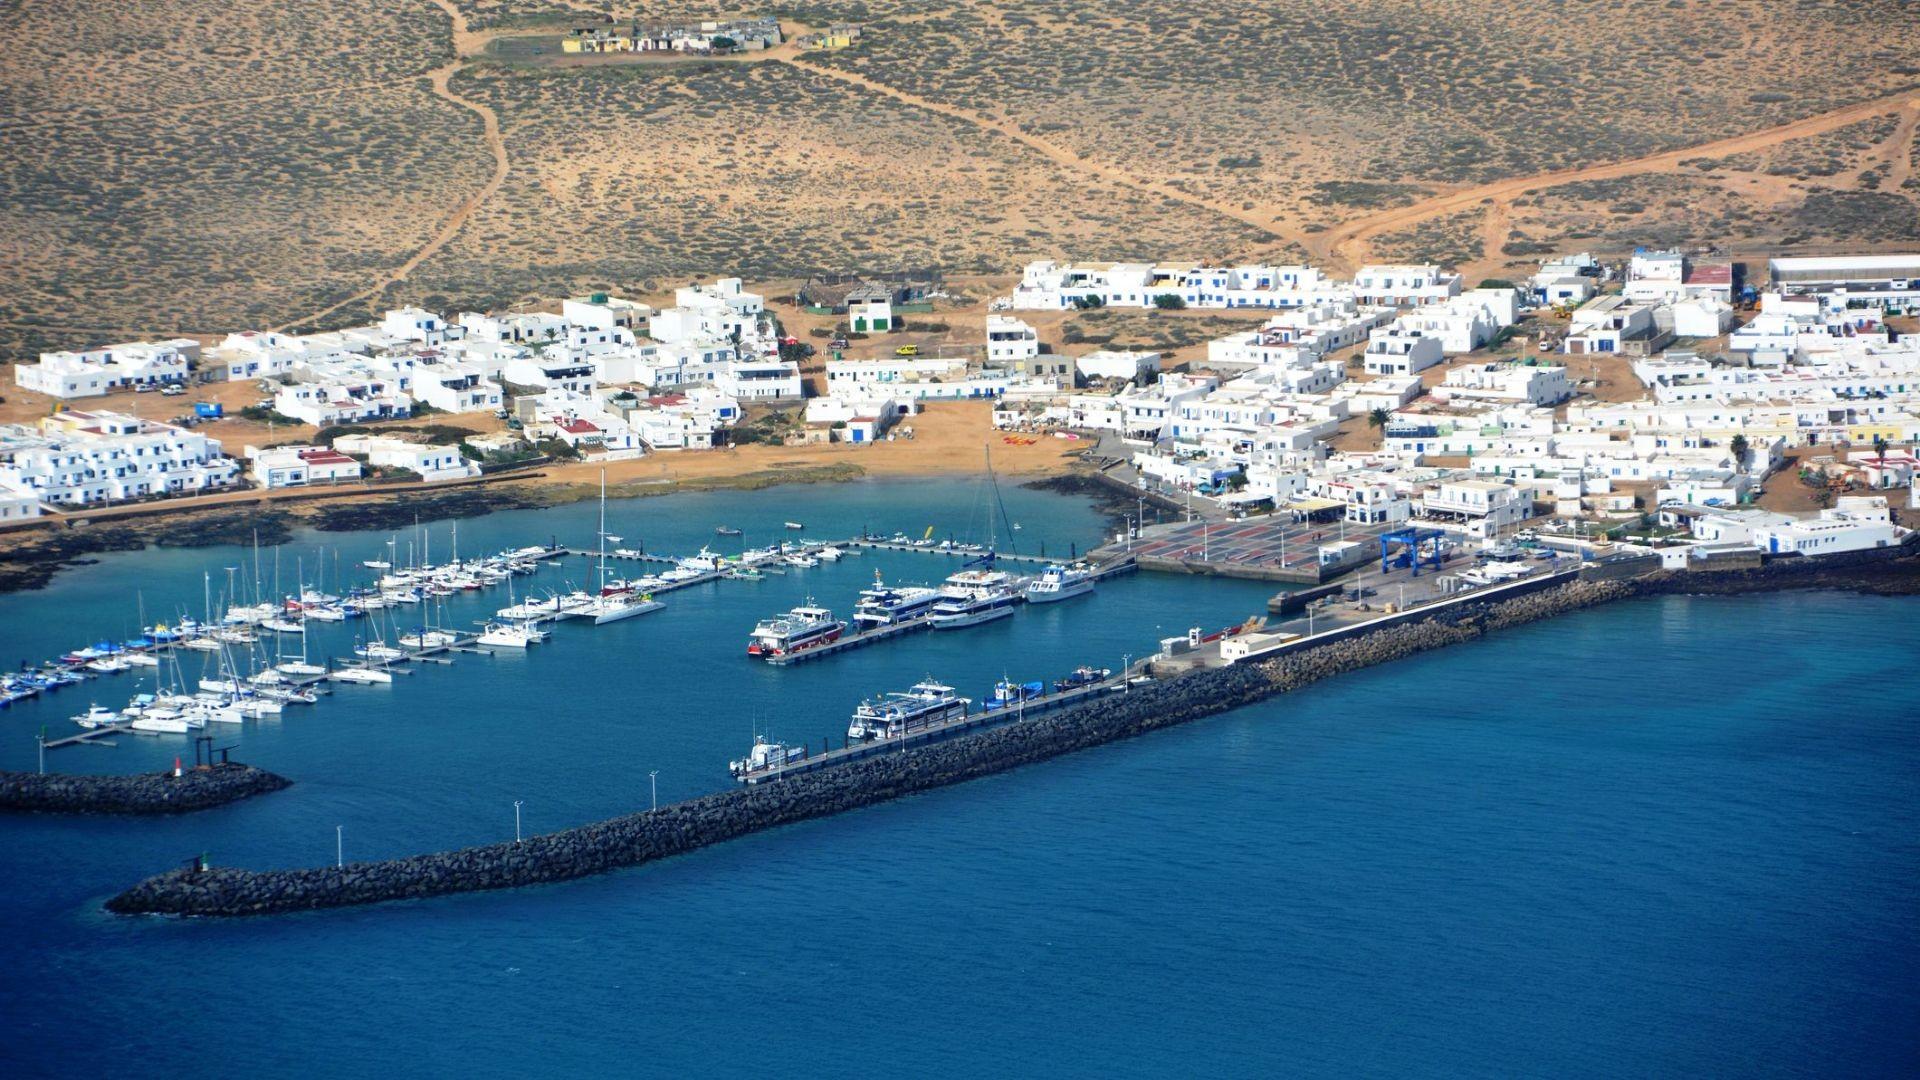 Visita La Graciosa en Lanzarote